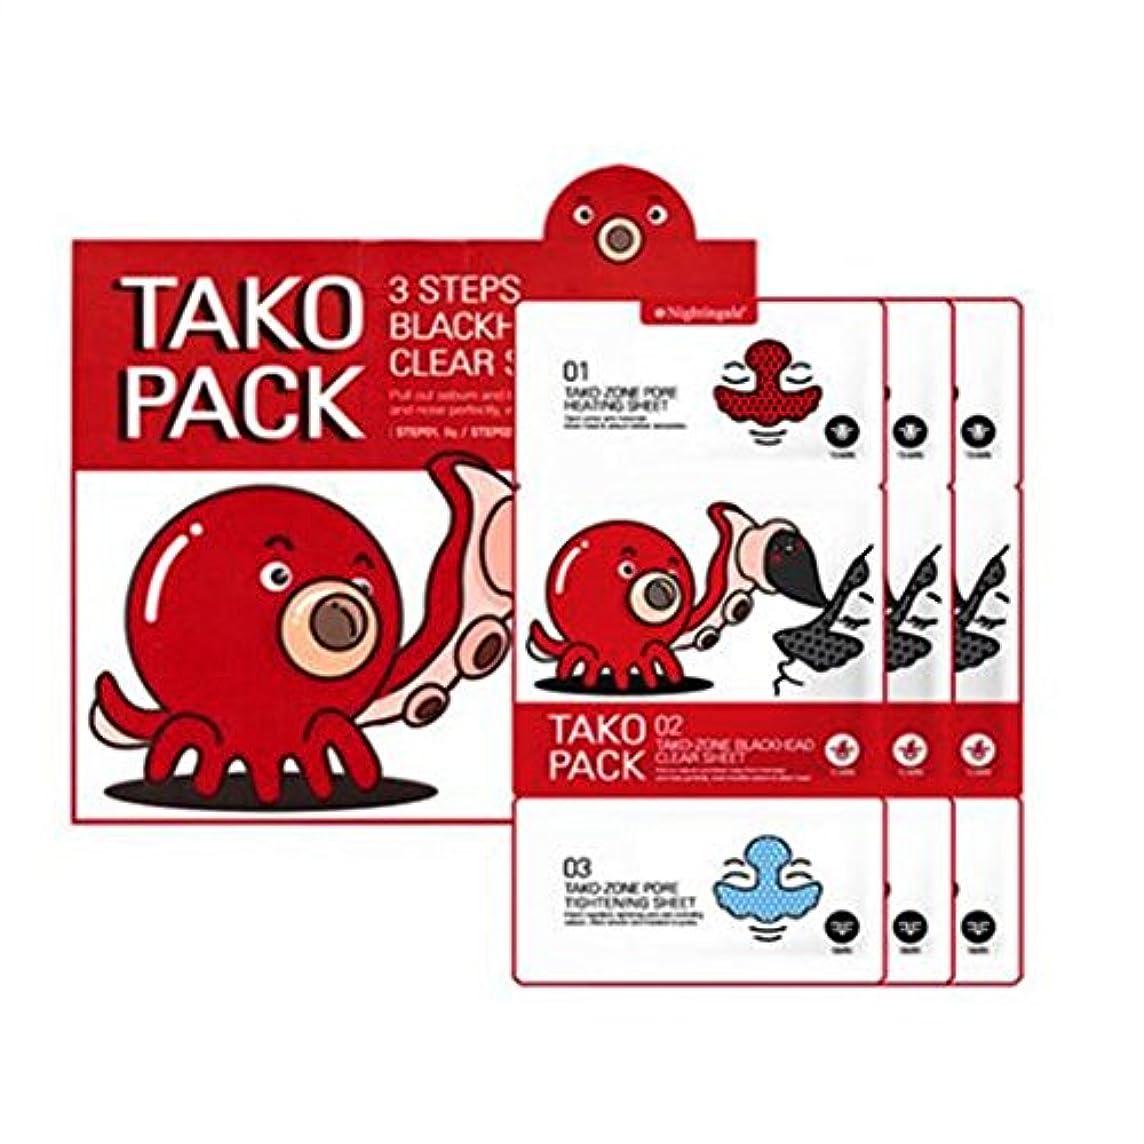 症状スラム街ぼかすNightingale 3Step Tako Pack 3EA/ナイチンゲール 3ステップ タコ パック [タコ吸着パック] 3回分 [並行輸入品]